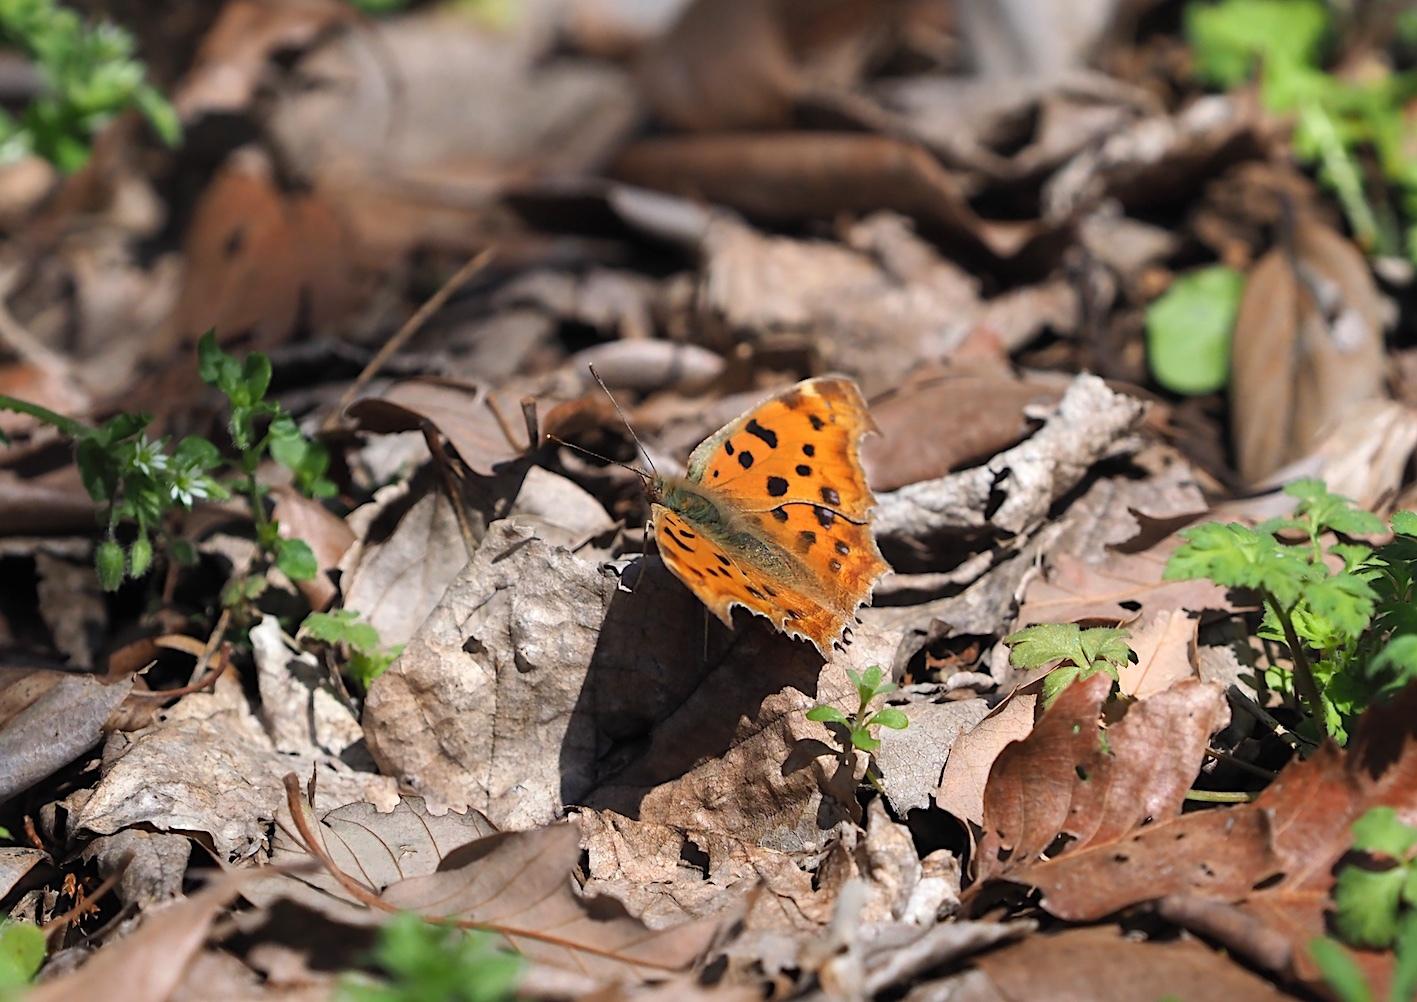 越冬明けの蝶と新生蝶(2020年3月15日)_d0303129_03102237.jpg